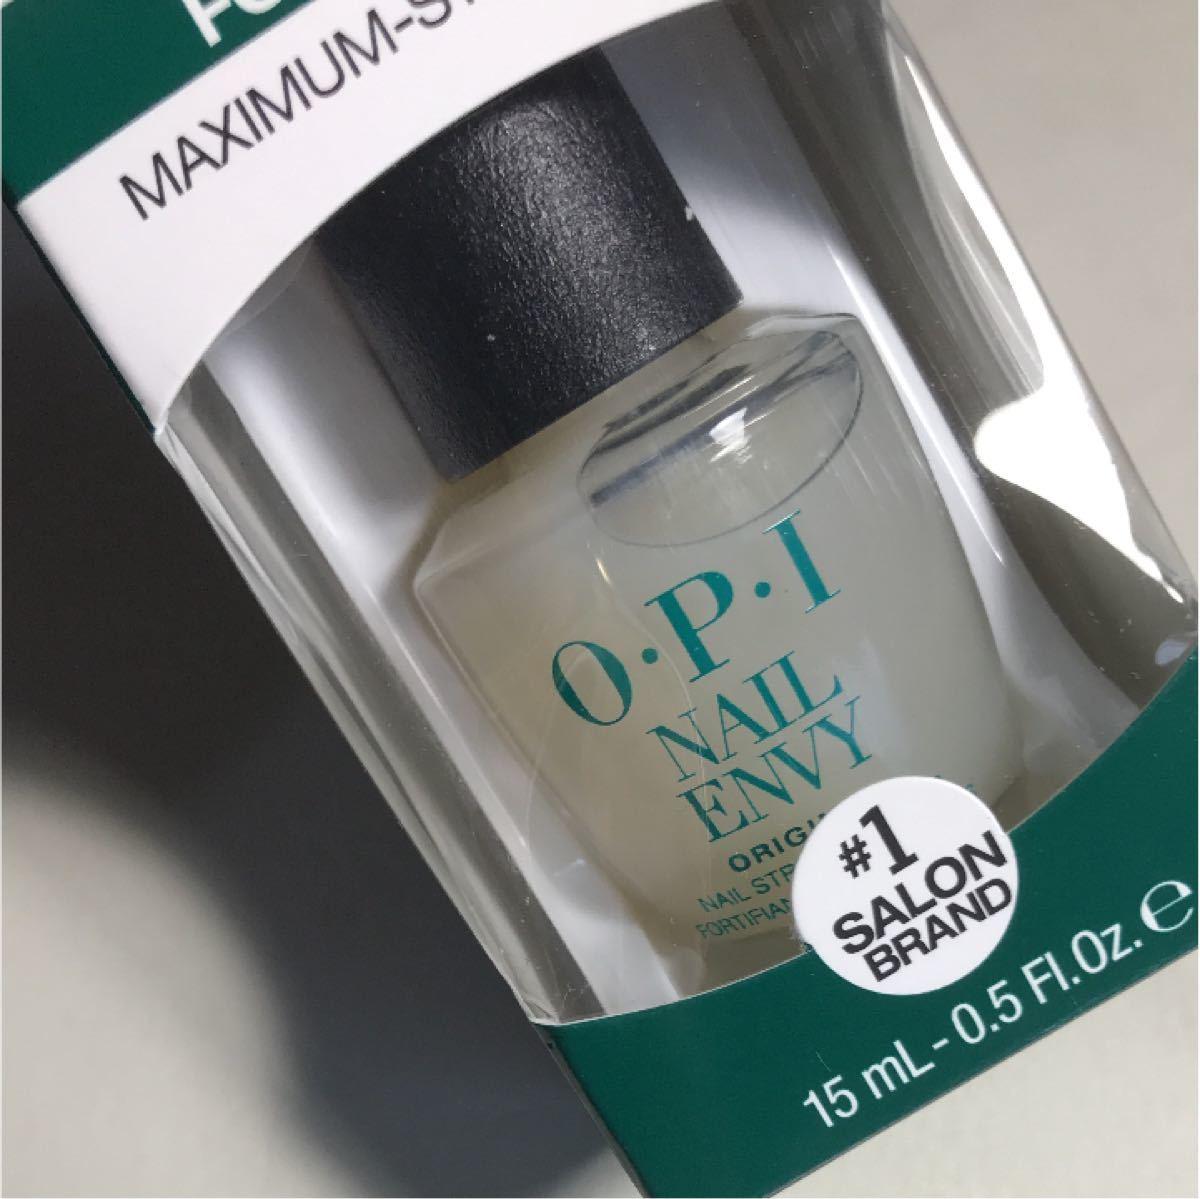 OPIネイルエンビーオリジナル・OPIプロスパネイル&キューティクルオイルトゥゴー 新品未使用未開封